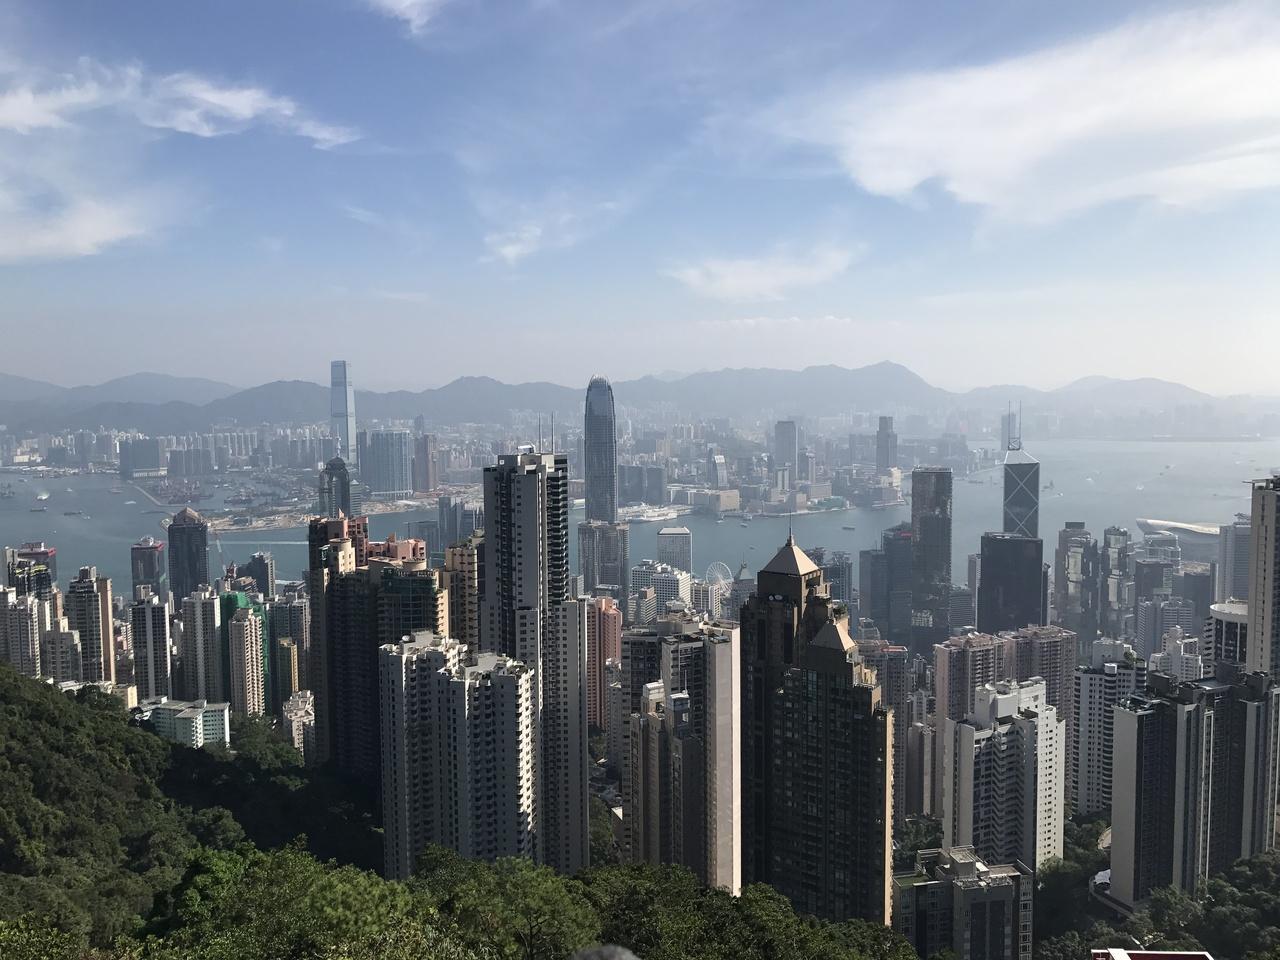 香港旅行2017.9月①』香港の旅行記・ブログ by ゆきぴょんさん